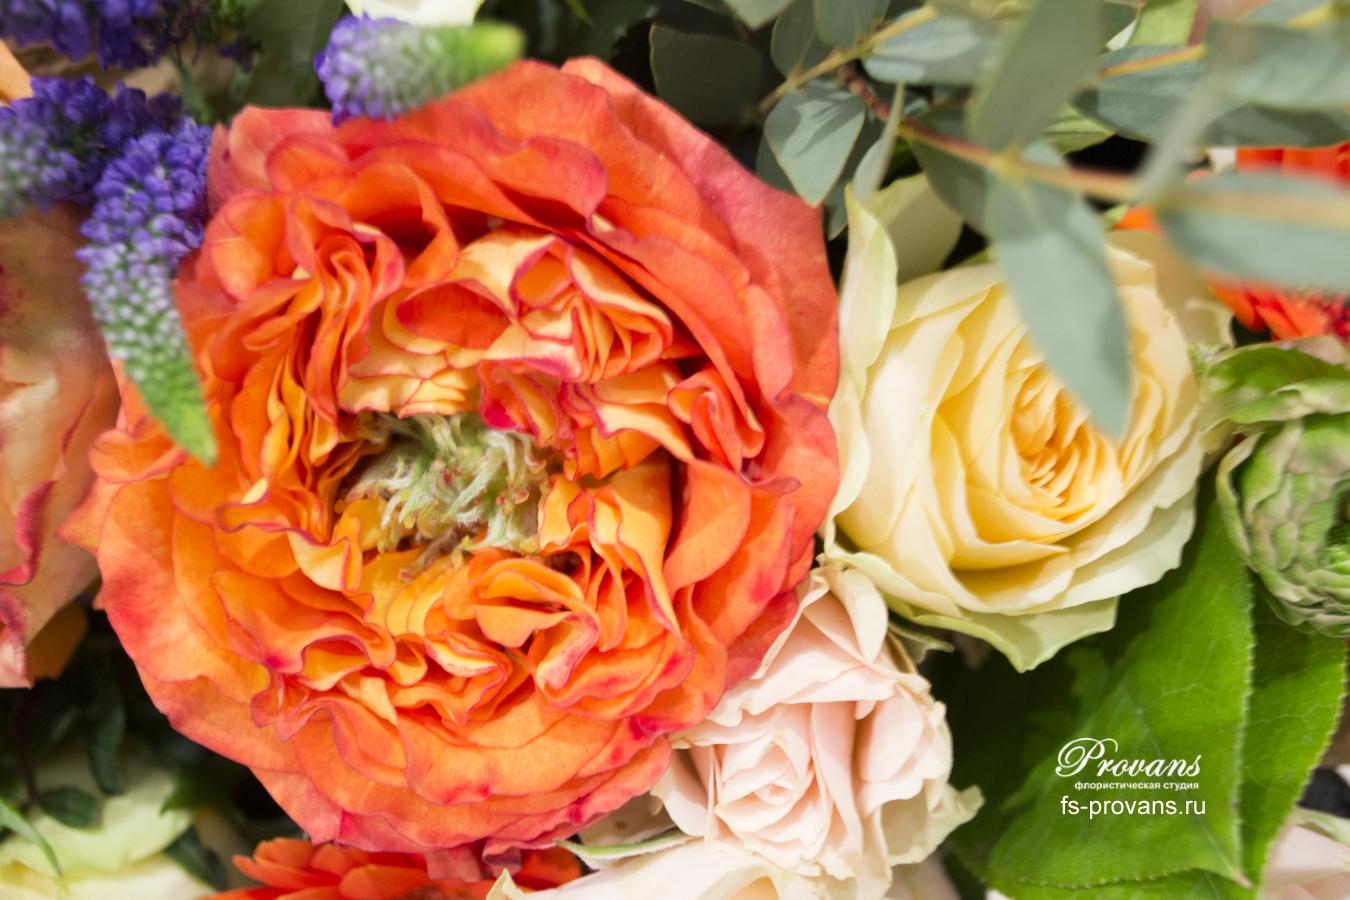 Букет на день рождения. Ягоды, амариллис, роза, гербера, анемон